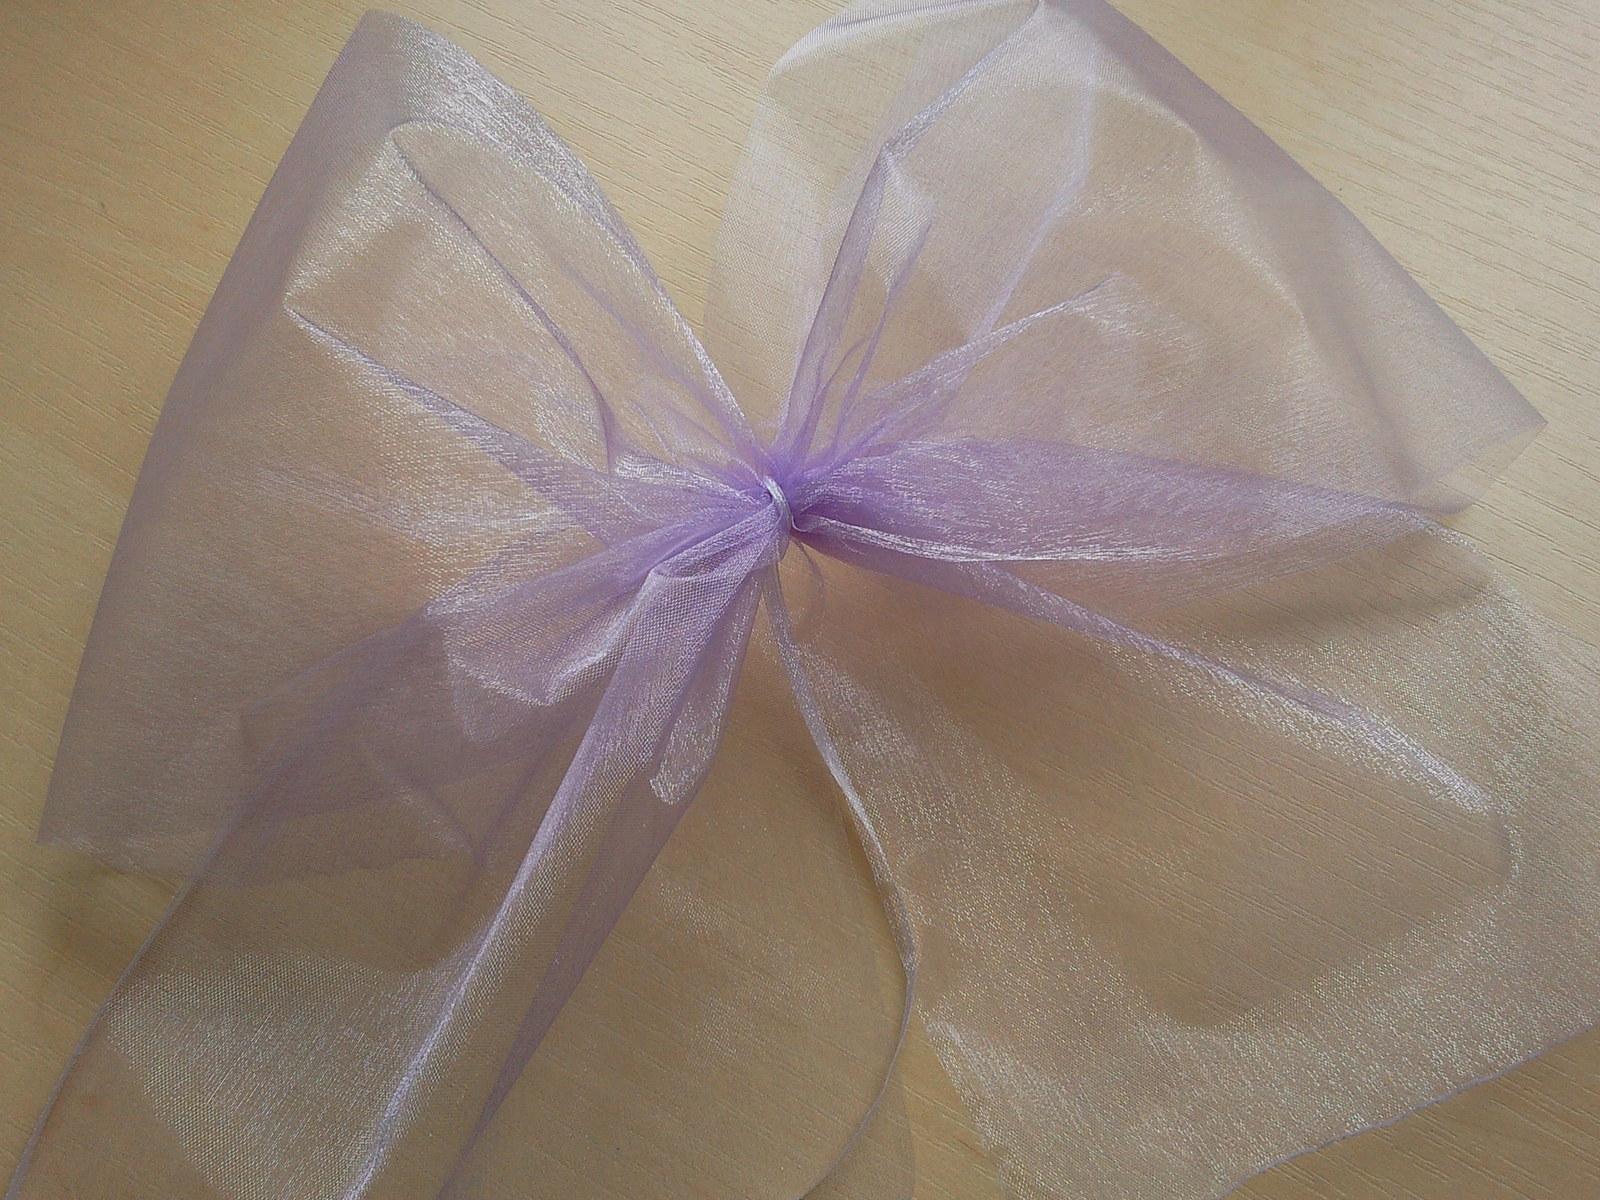 Lila/fialové mašle na zrcátka/kliky  - Obrázek č. 1